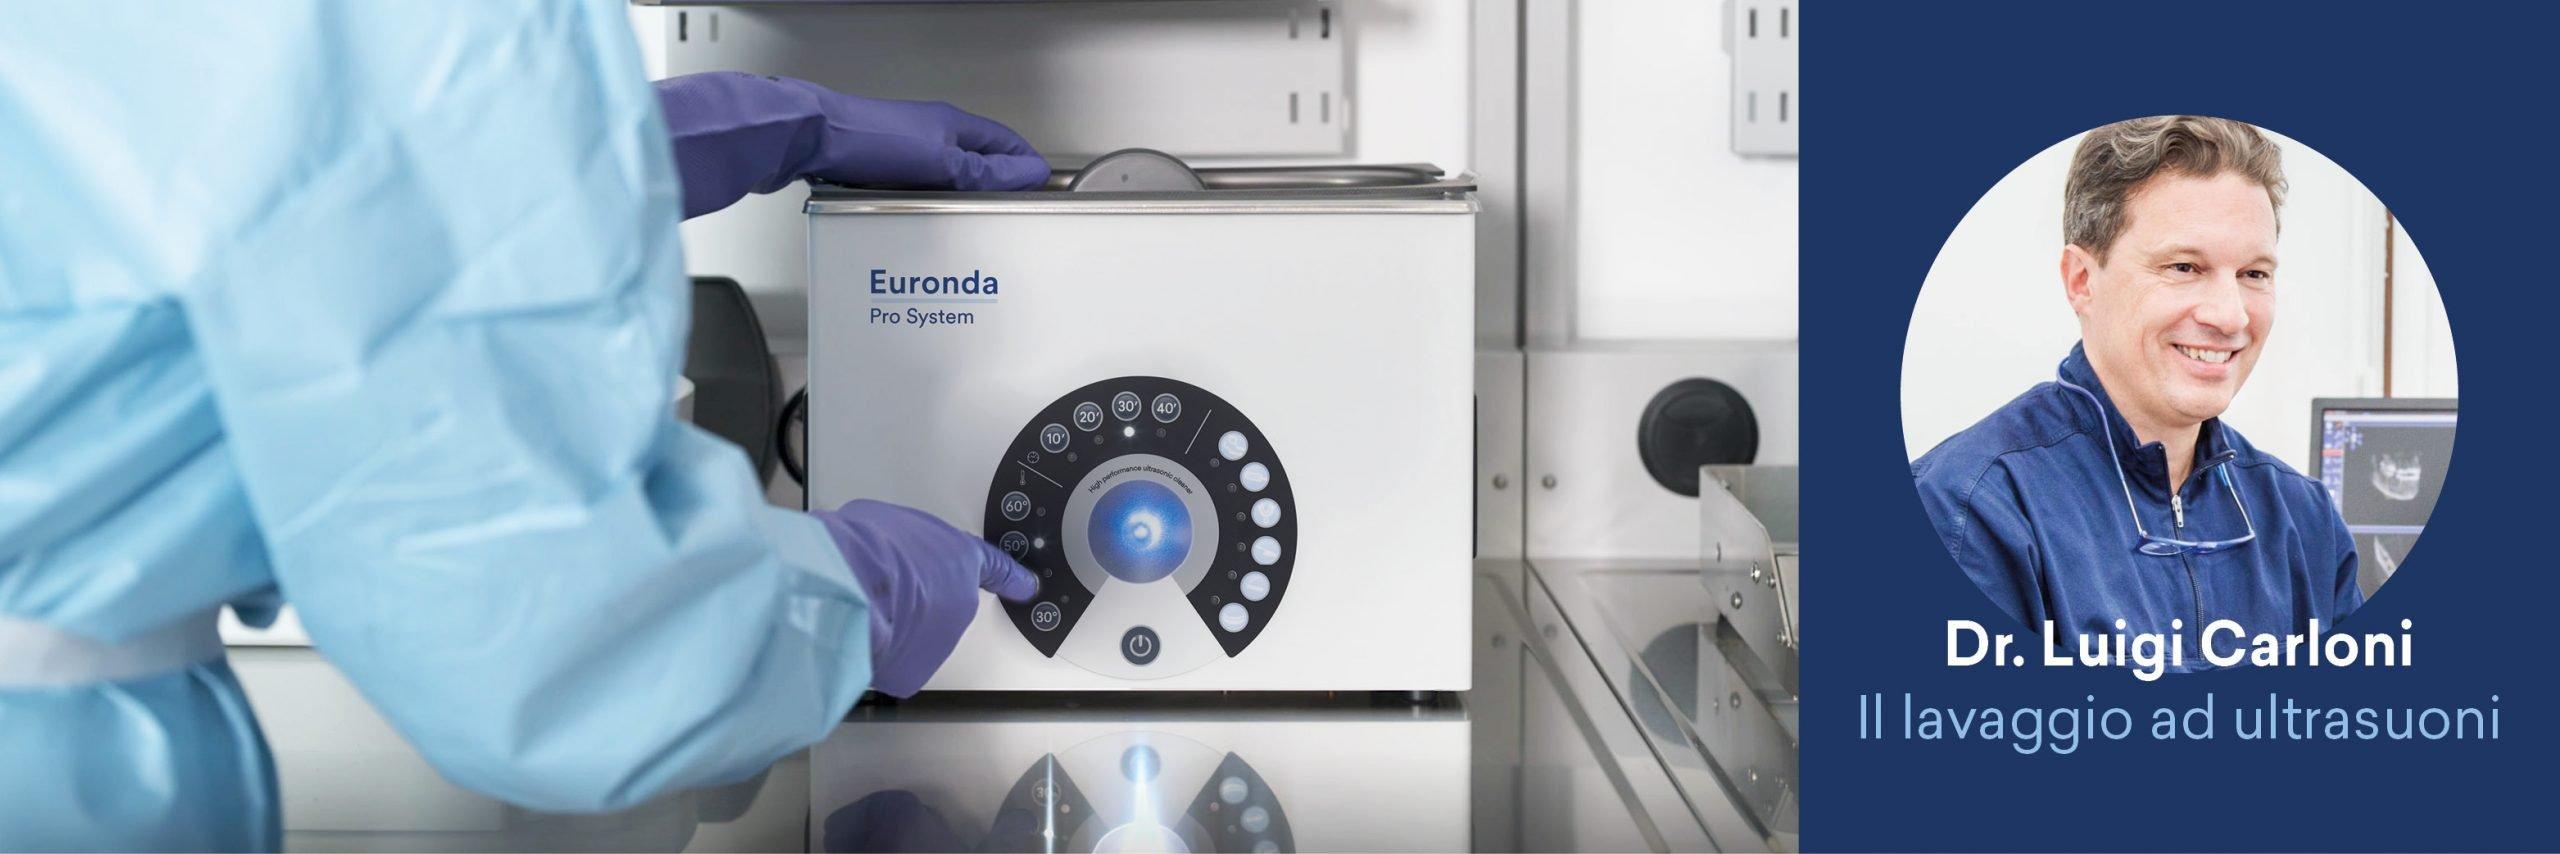 Guida al processo di sterilizzazione - Il lavaggio a ultrasuoni